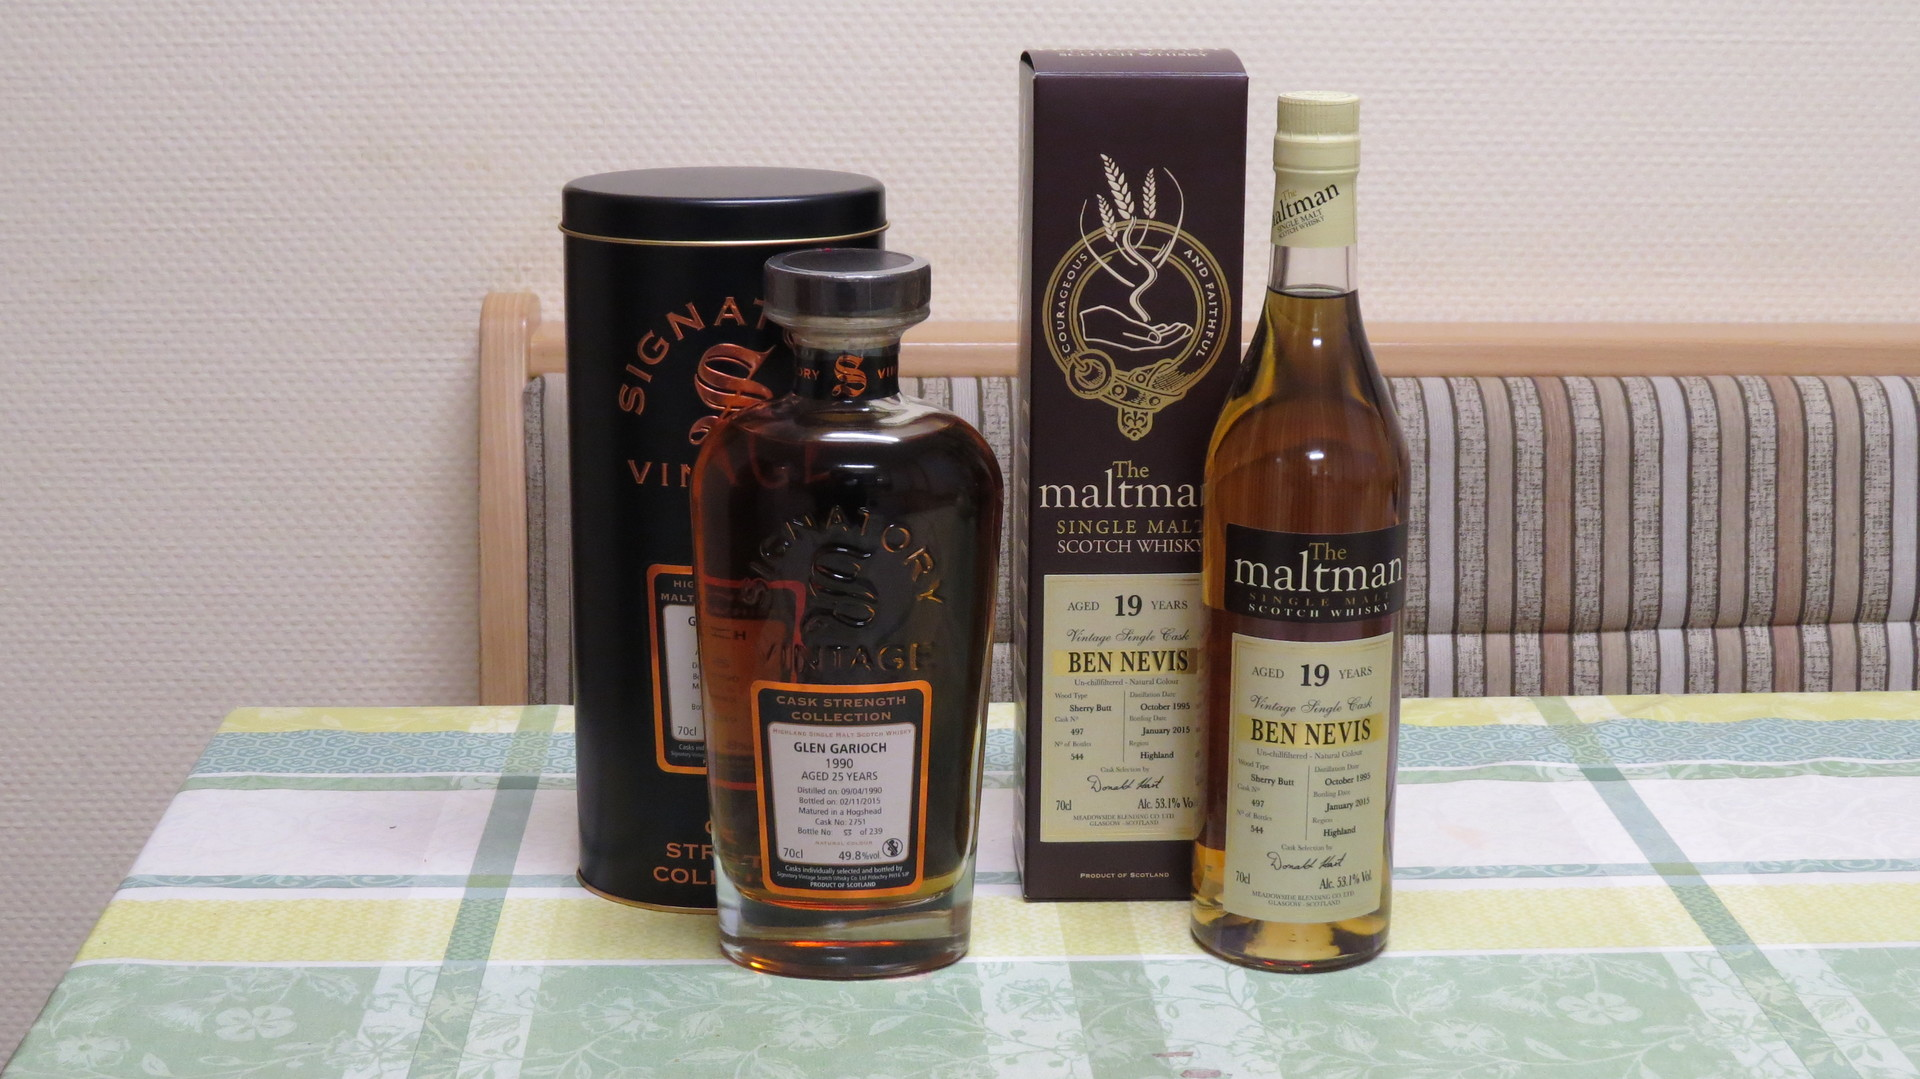 http://www.whisky.de/uploads/tx_mmforum//attachment_9a001bf8df7abf4999da439cad886bbd.jpg